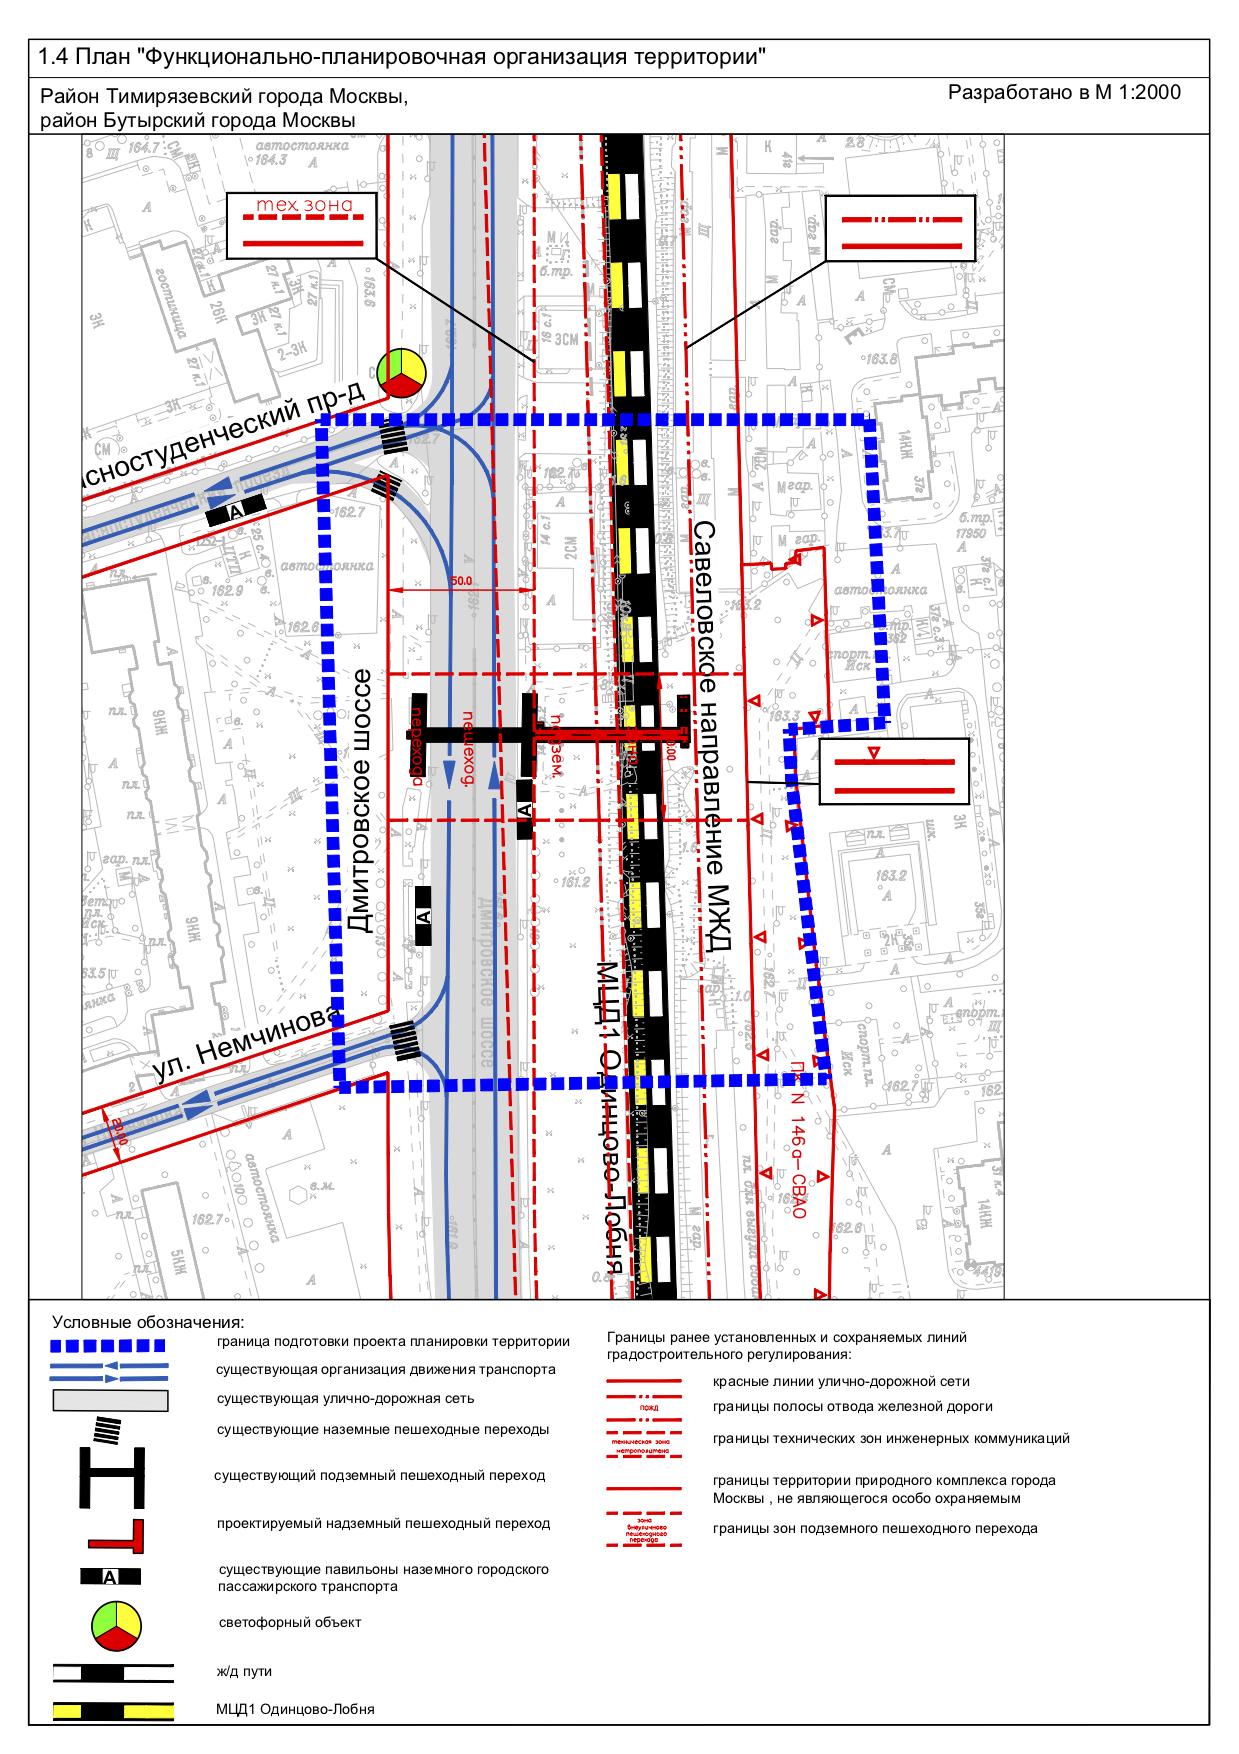 12. Проект подземного пешеходного перехода под Дмитровским шоссе в районе дома 25. 2019 год